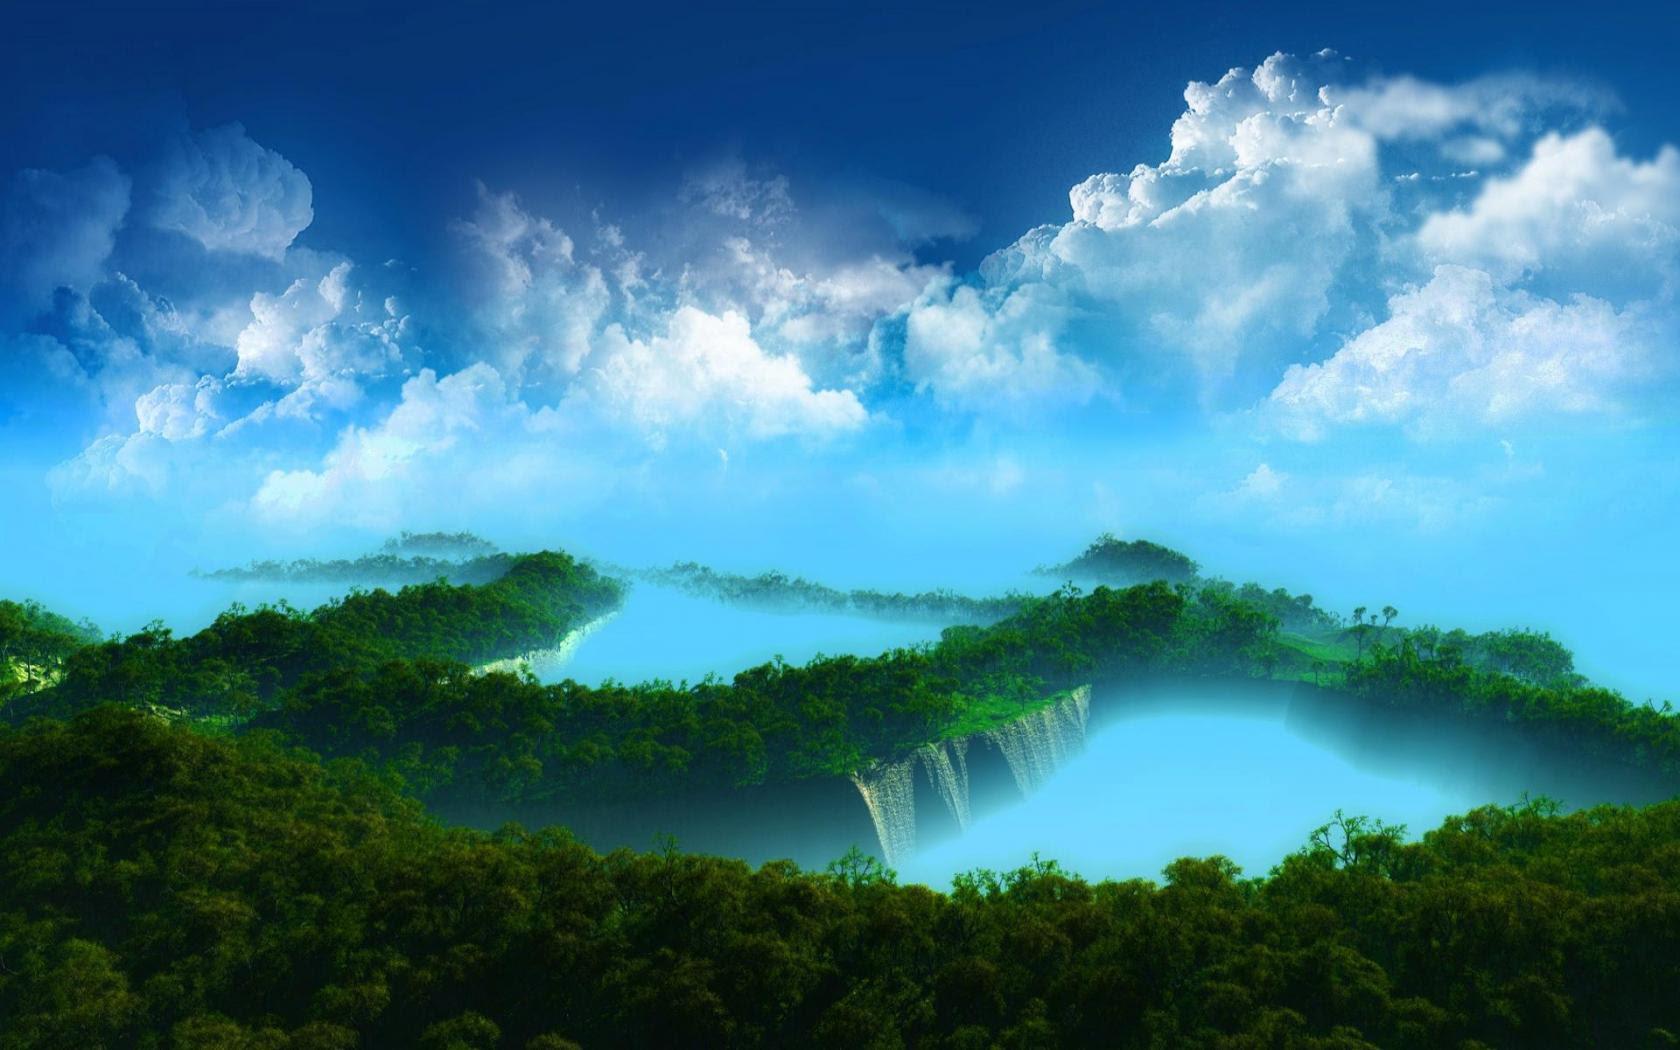 夏の風景の夢 壁紙 1680x1050 壁紙ダウンロード Ja Bestwallpaper Net My Sims City